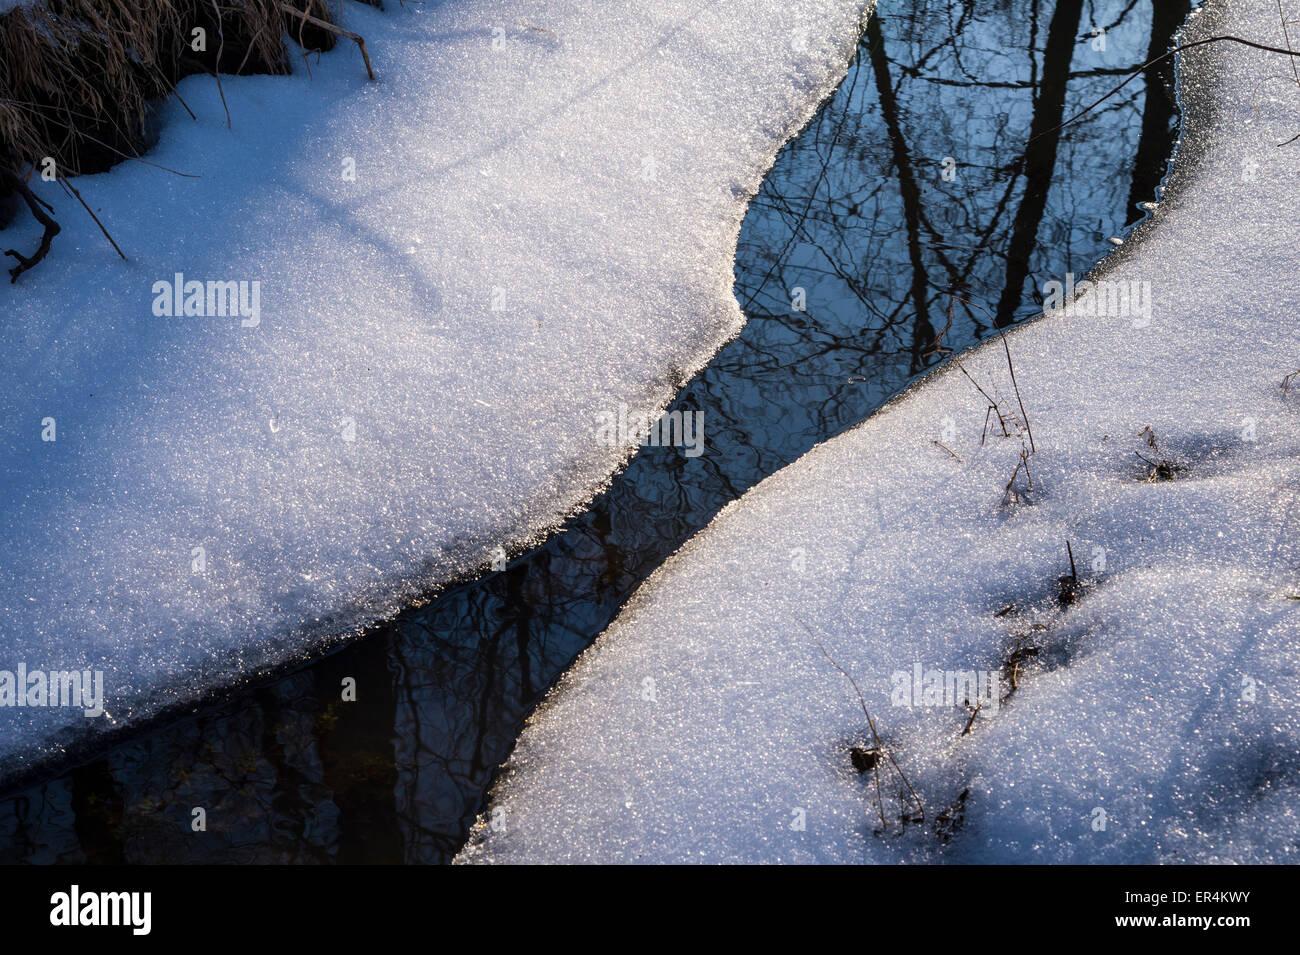 Parzialmente congelati con flusso di neve e riflessione Immagini Stock